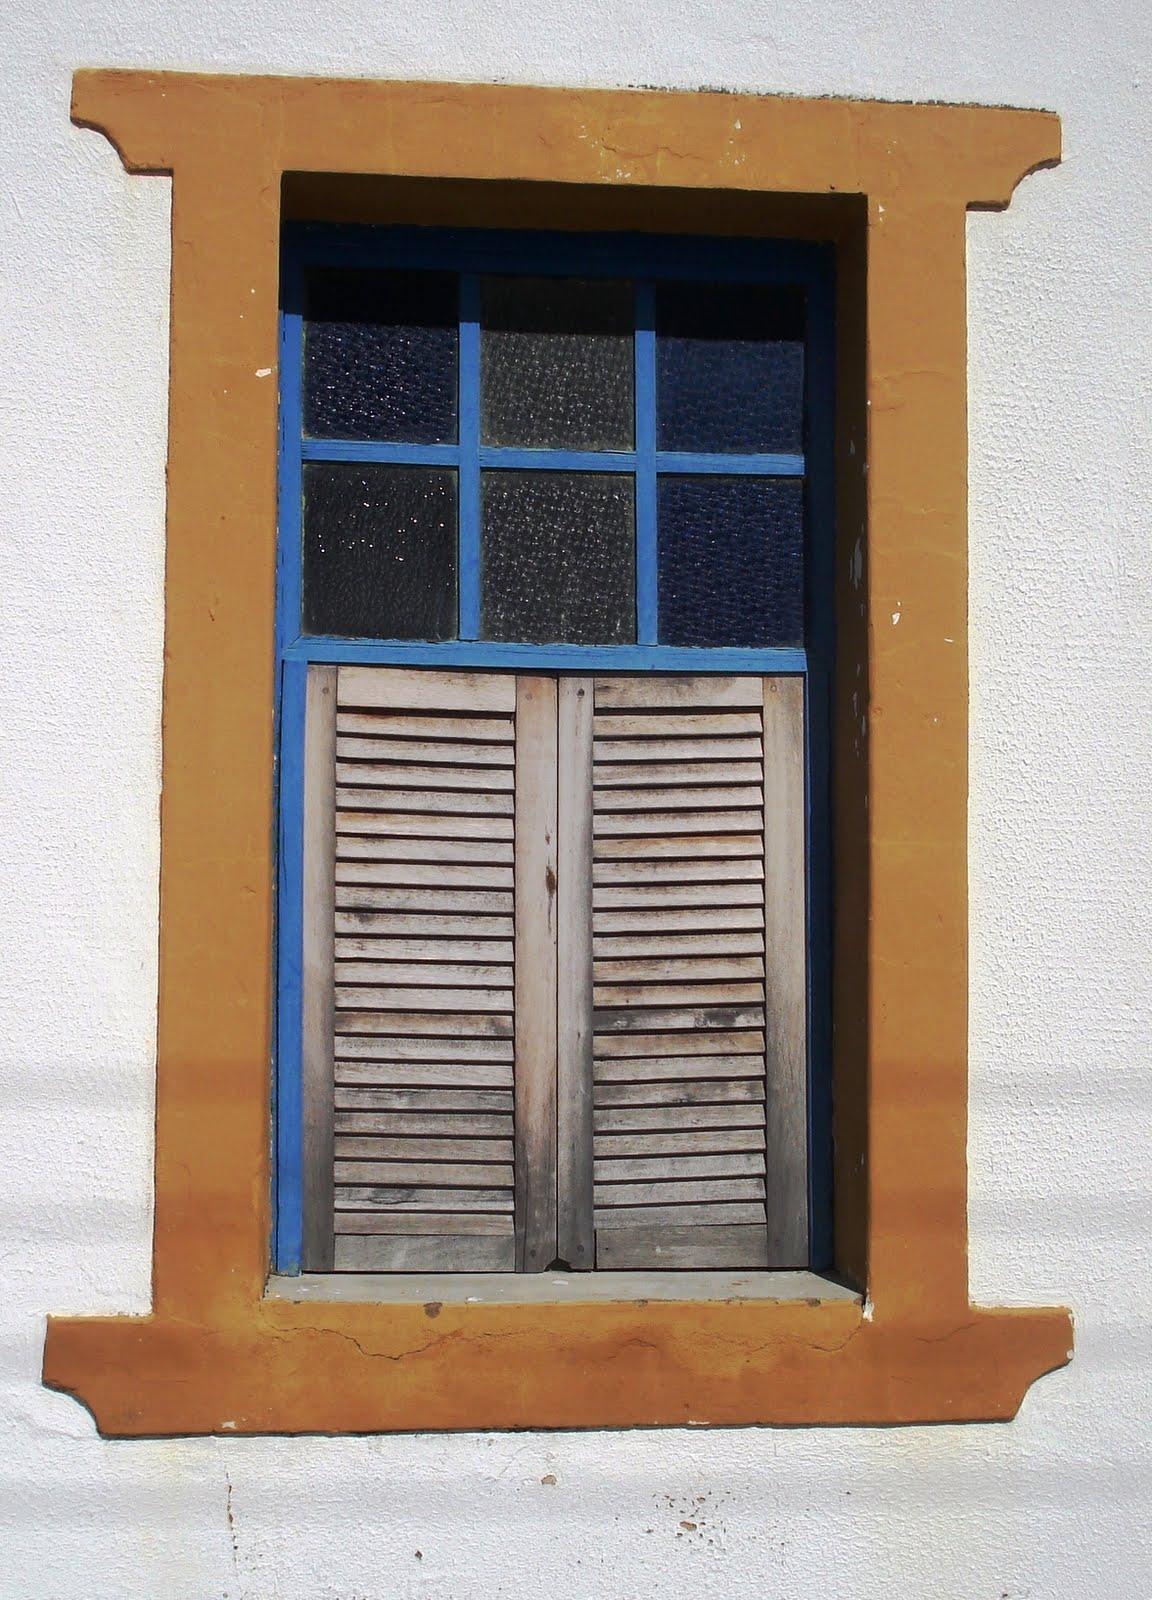 #356096 KAKI AFONSO Arquitetura: As janelas de Oeiras colonial. 474 Janelas Duplas Madeira